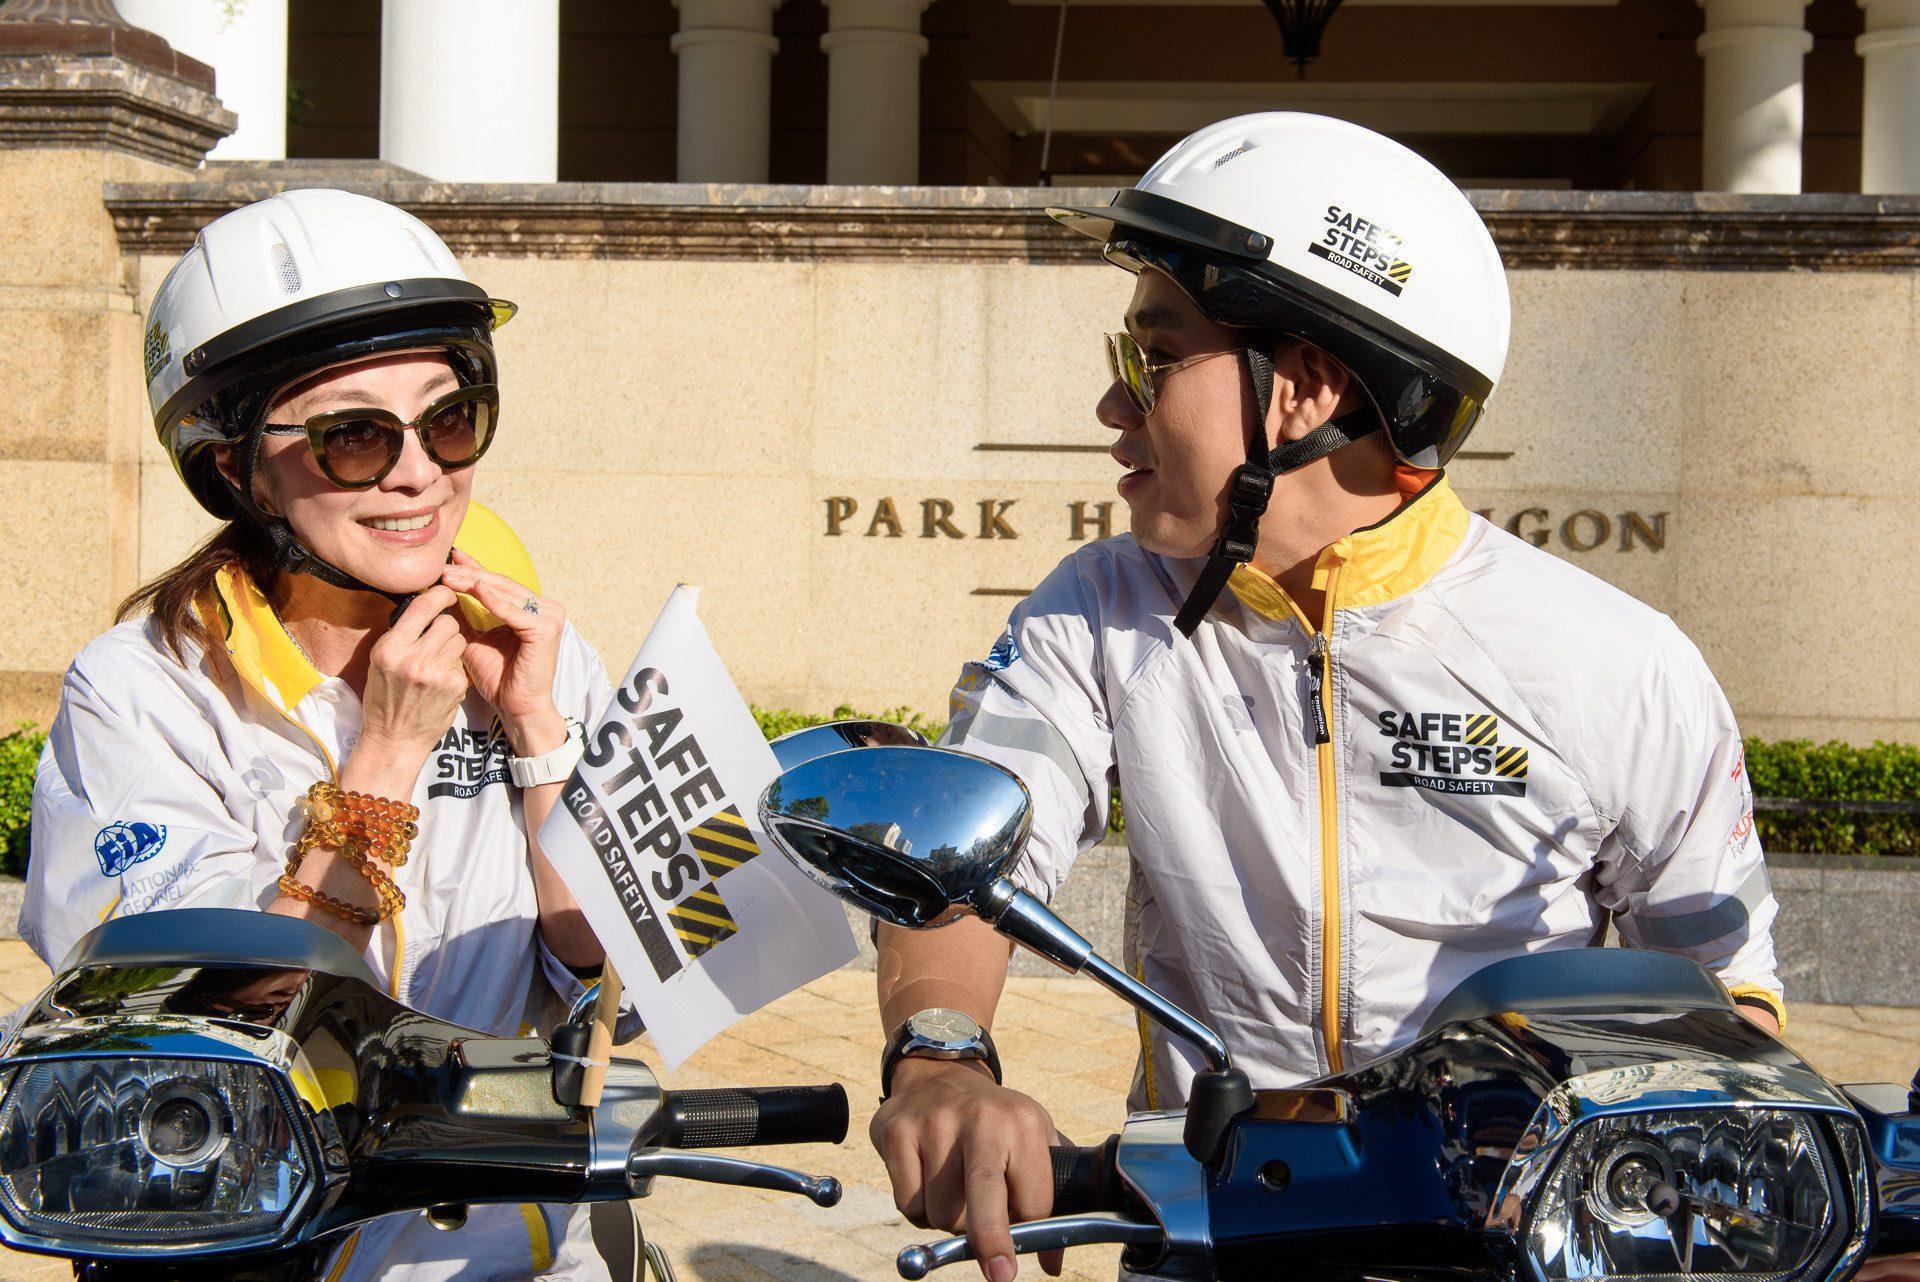 Ao thun Safe steps Road Safety 17 - Bừng sáng sự kiện Safe Steps của Liên Hợp Quốc tại Việt Nam với áo thun sự kiện